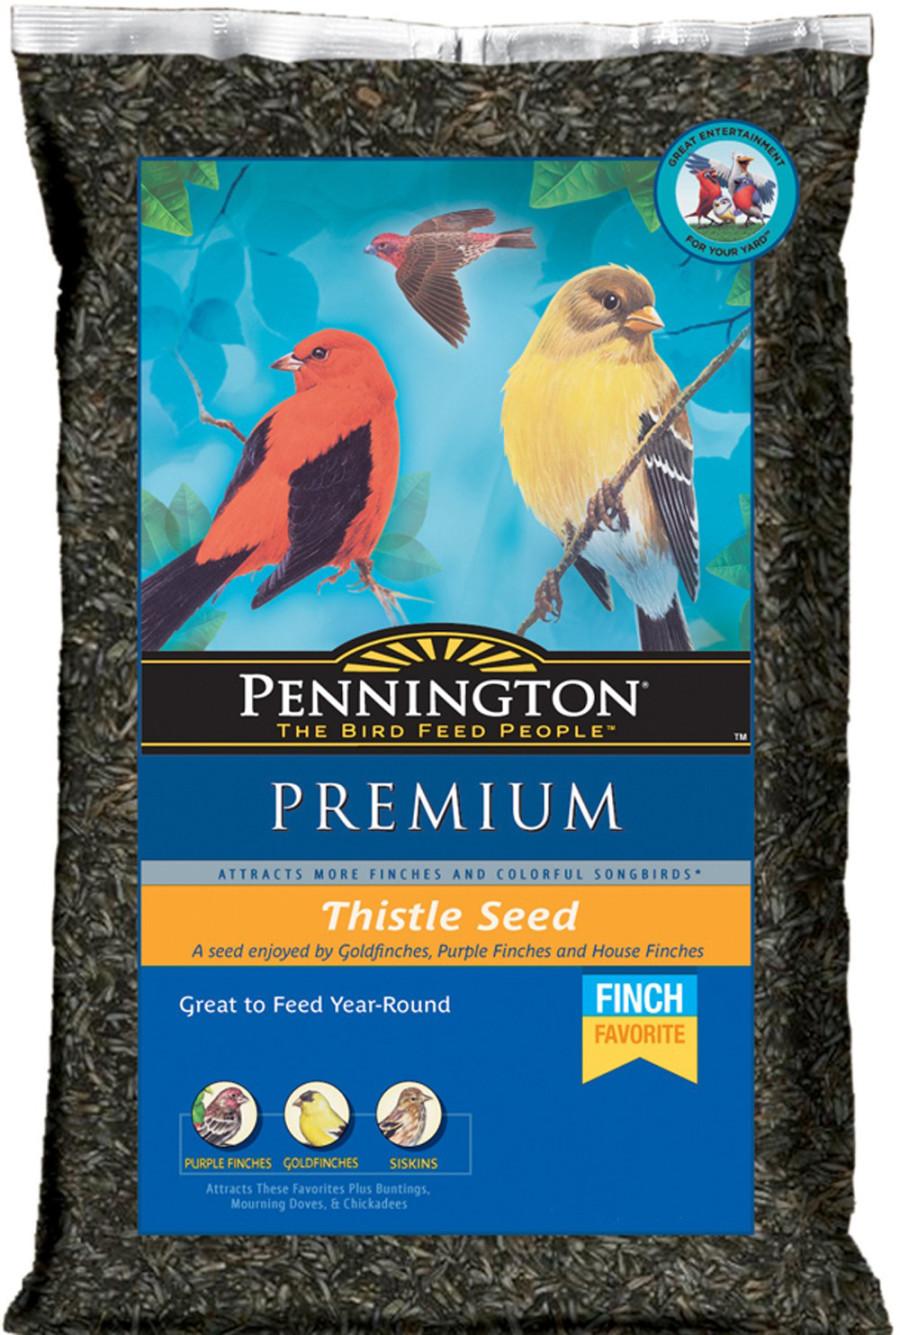 Pennington Premium Thistle Seed Bird Food 12ea/5 lb